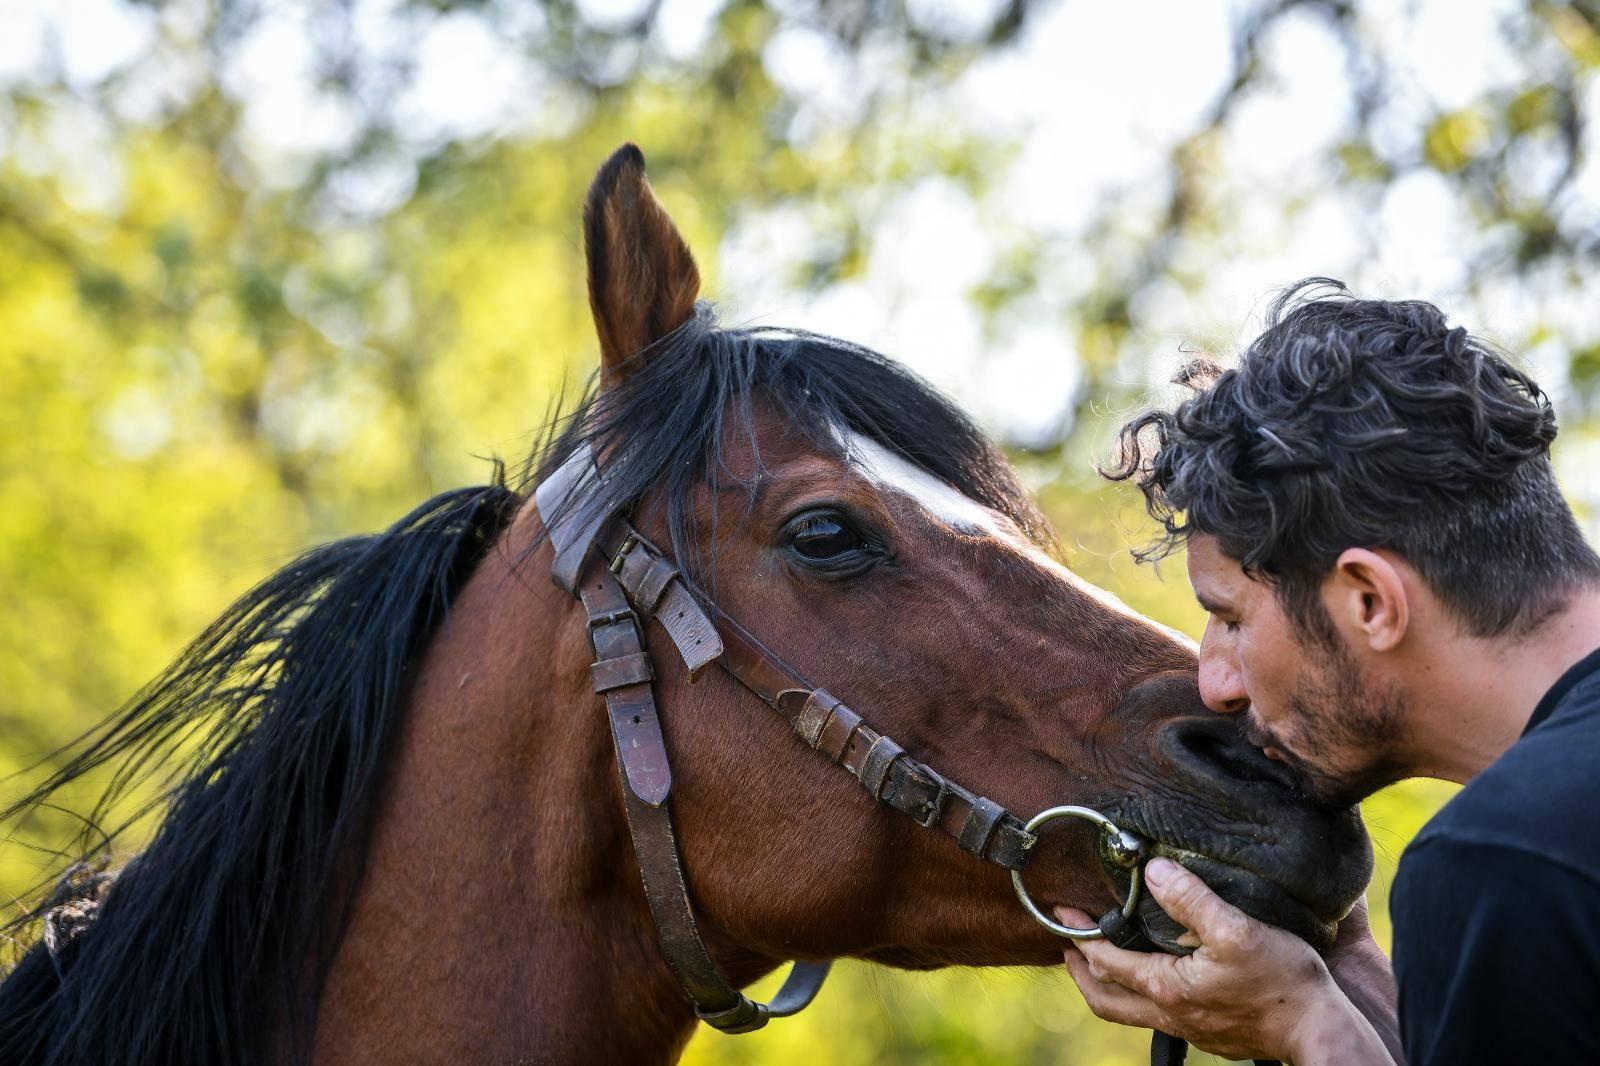 Dušan i Boris sve su bliže cilju: 'Mislim da nam se i konji smiju'